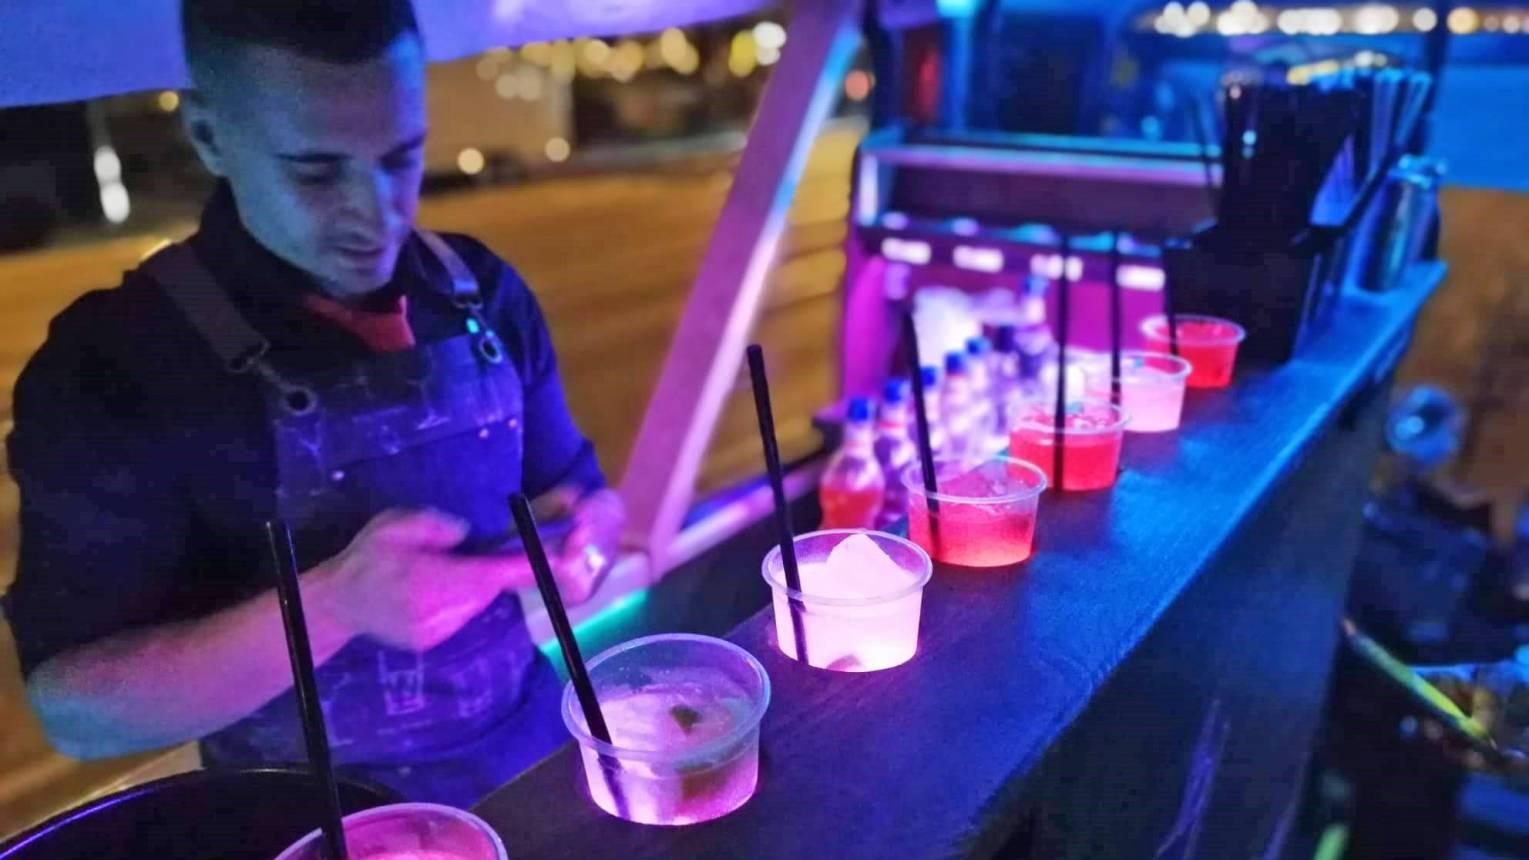 Bérelj Koktélbuszt a Bulira korlátlan italfogyasztással 25 főnek